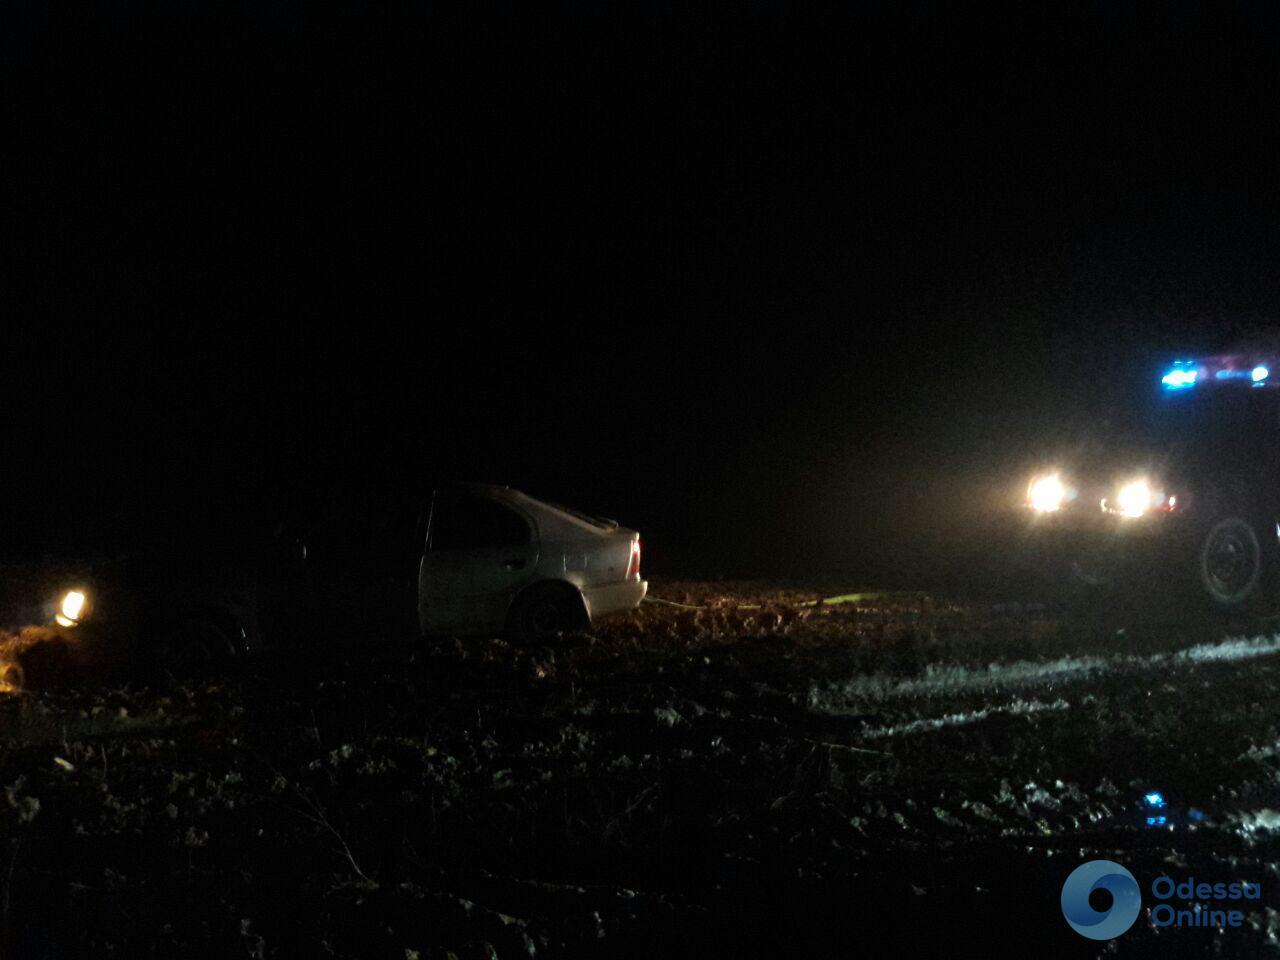 Одесская область: водитель хотел сократить путь и застрял в поле (фото)